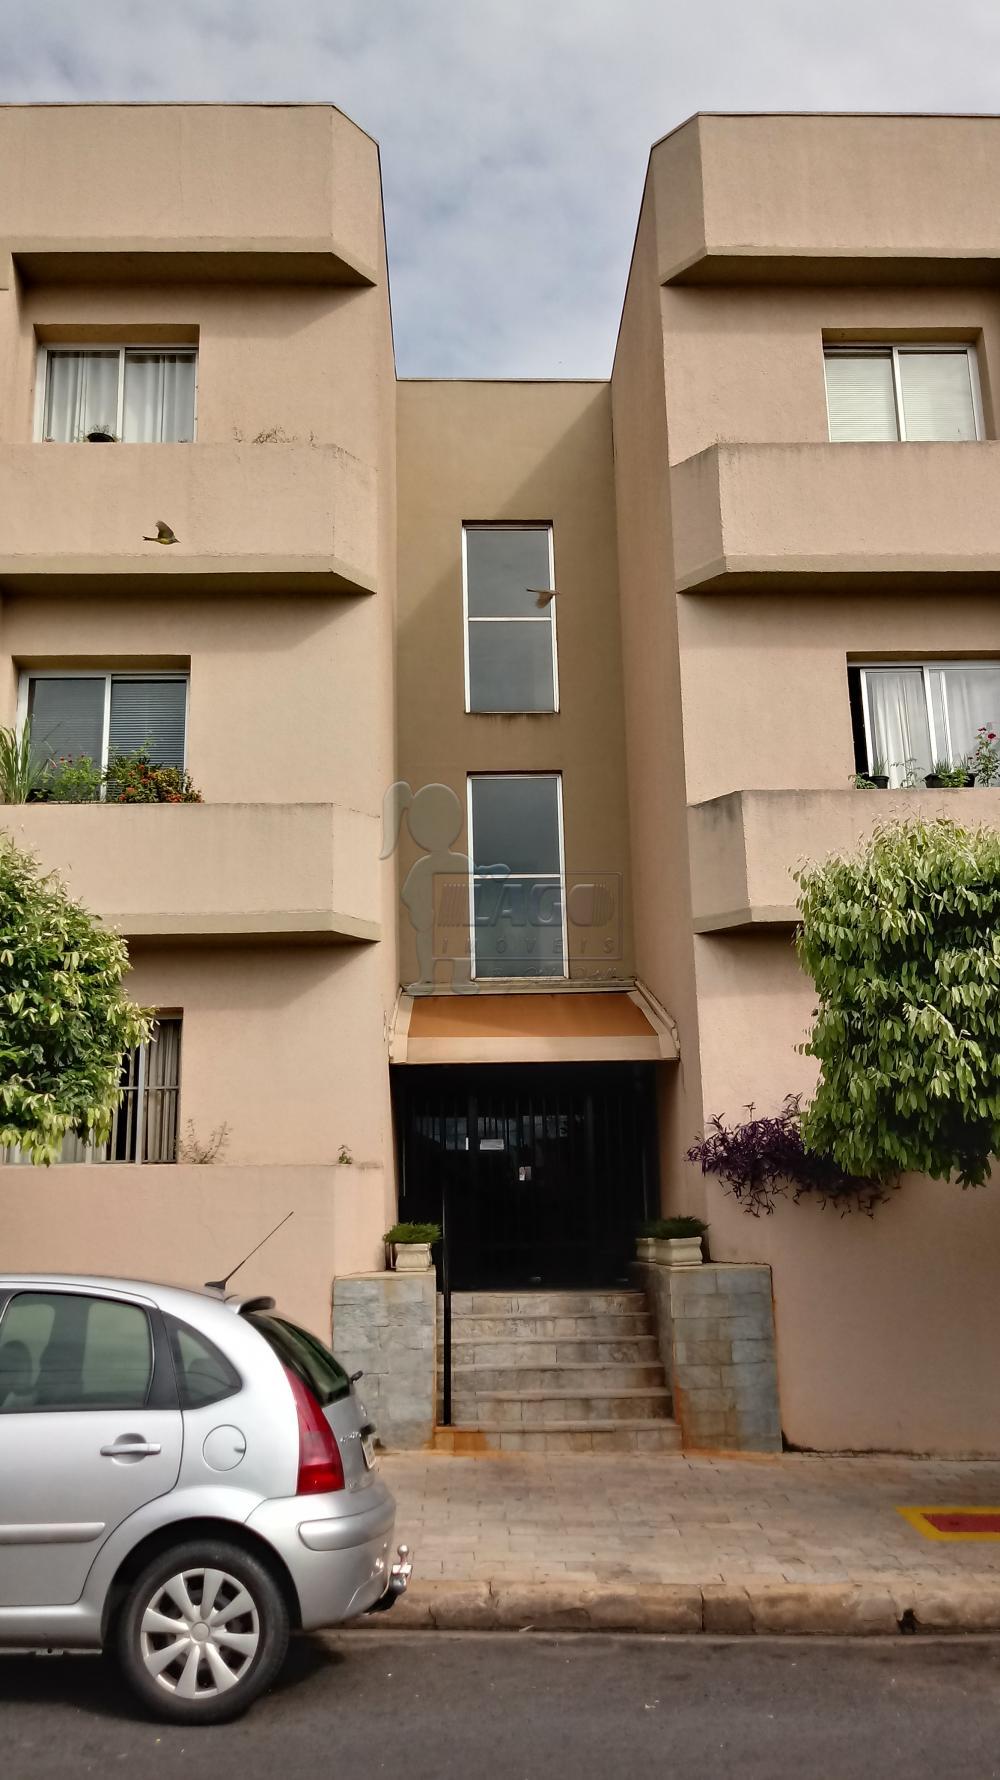 Comprar Apartamento / Padrão em Ribeirão Preto apenas R$ 230.000,00 - Foto 26